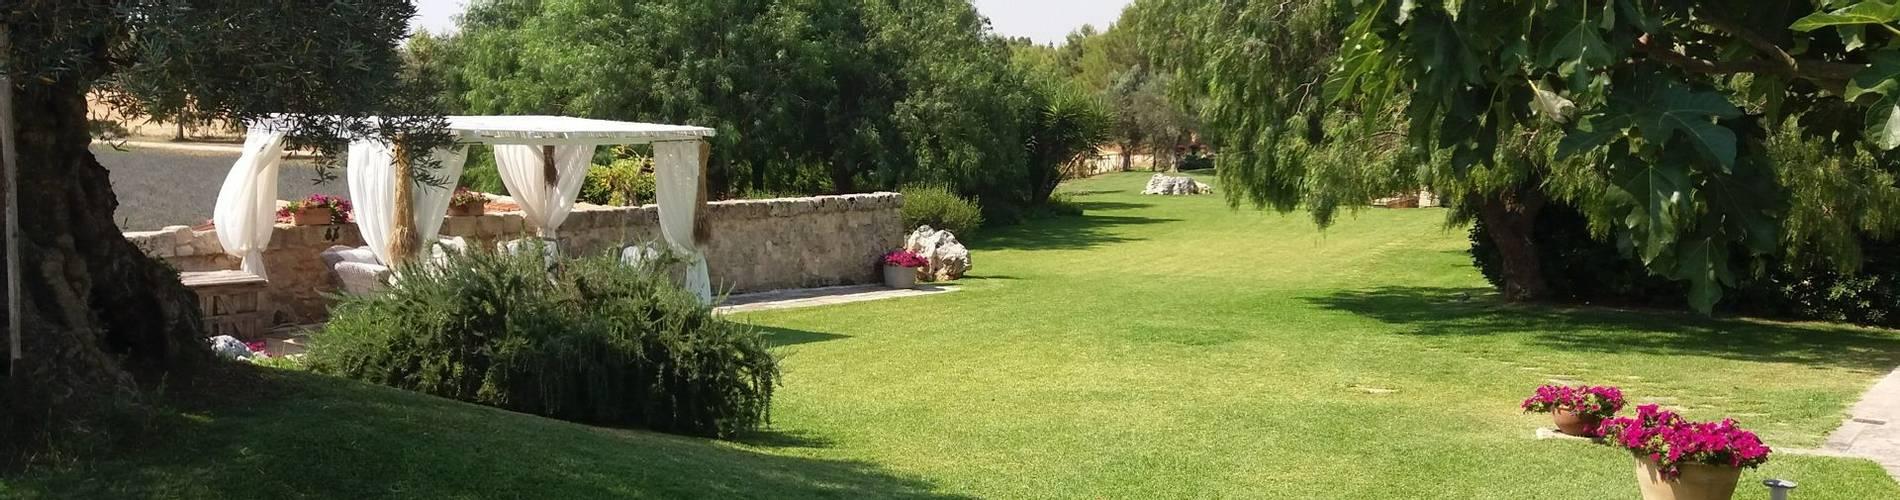 Borgo Naturalis, Puglia, Italy, Exterior 9.jpg